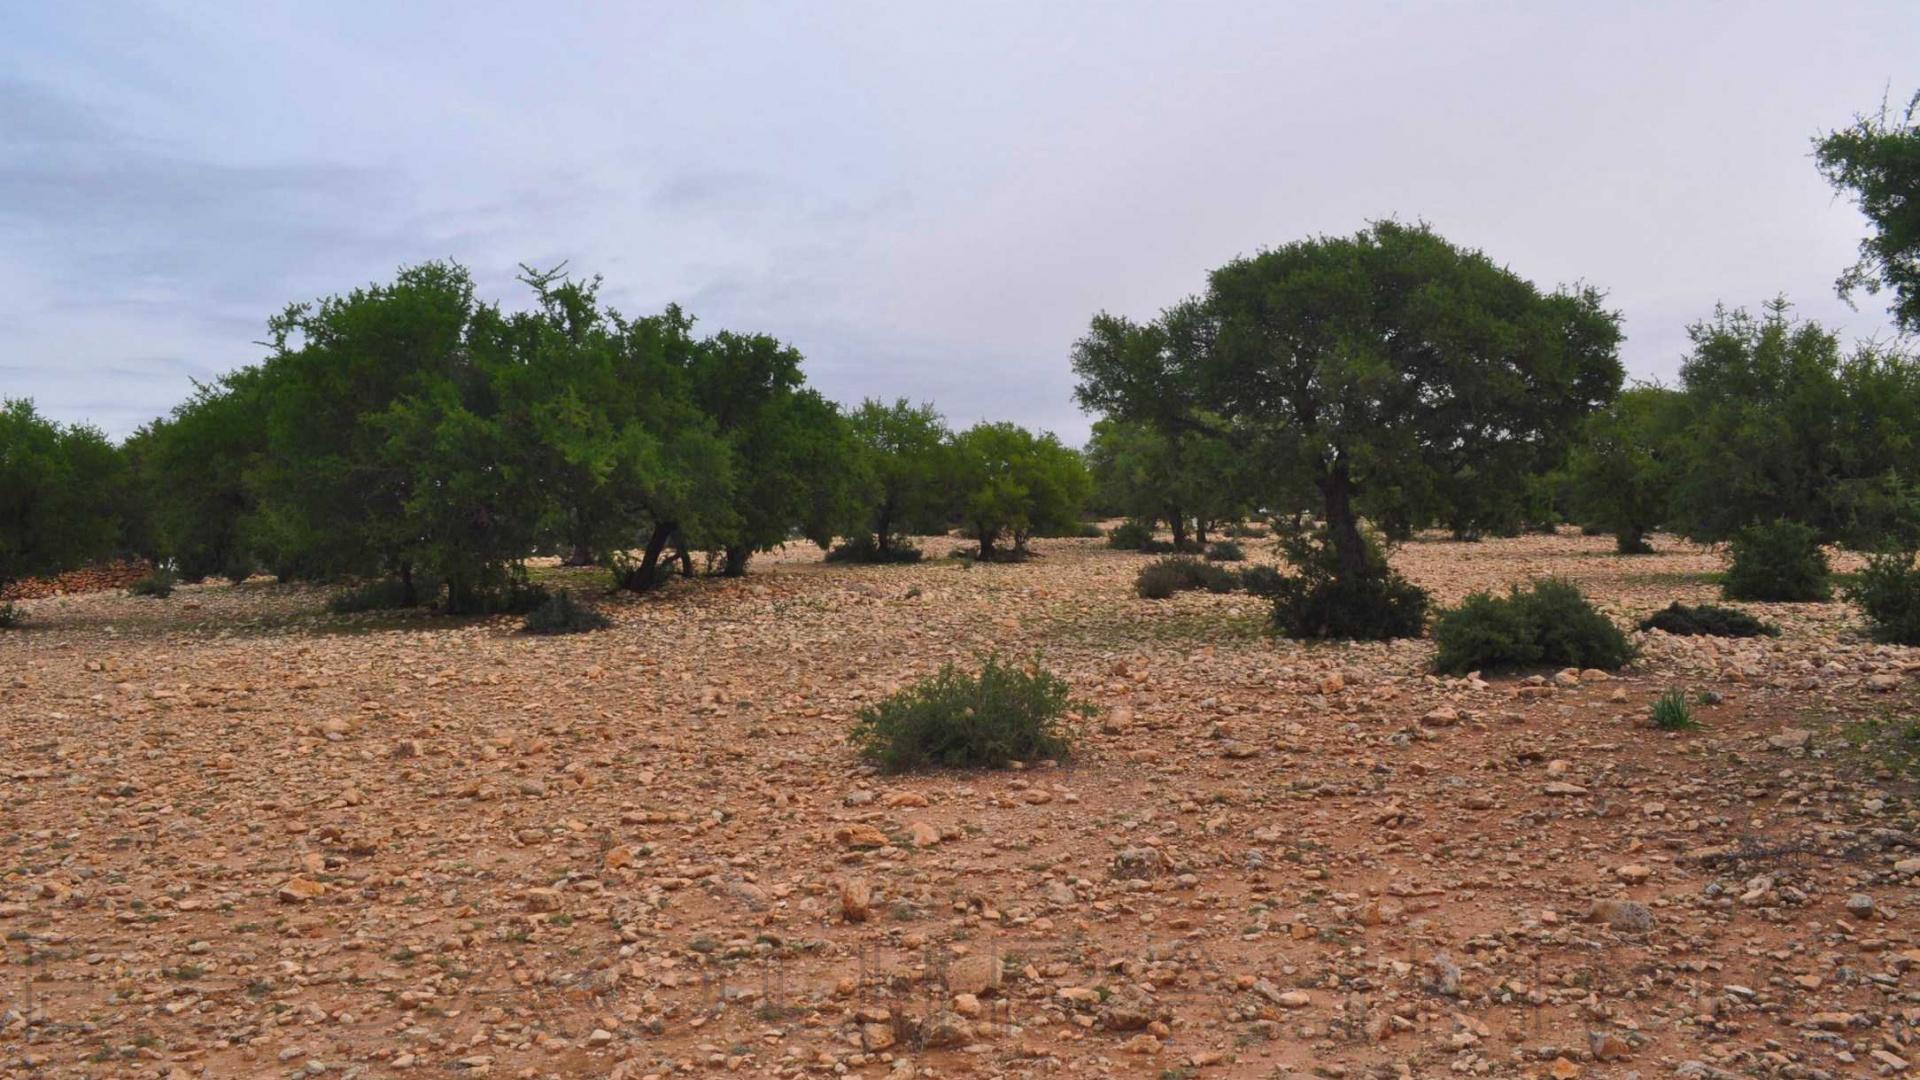 terrain en vente à essaouira